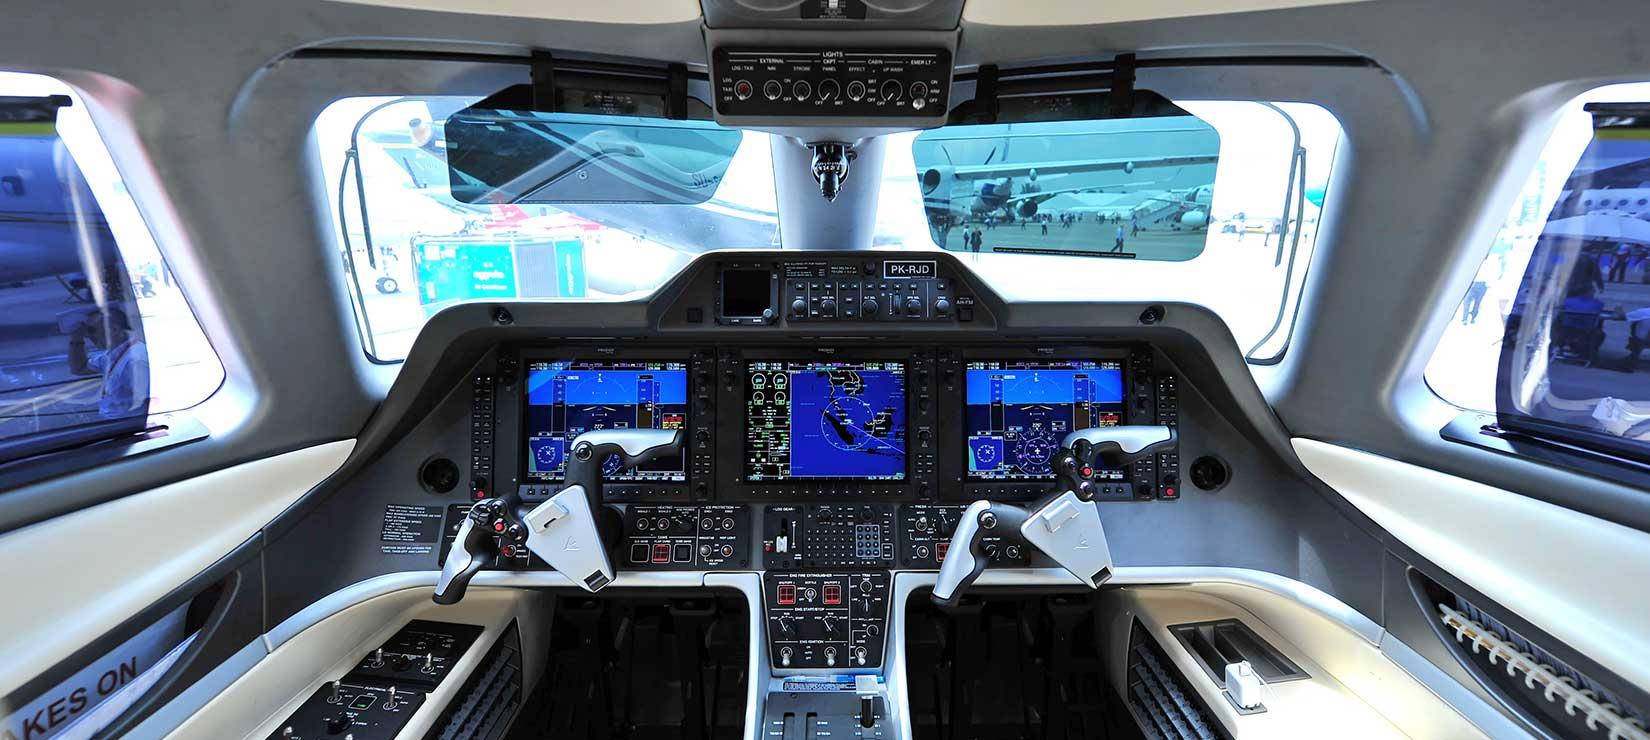 Avionics Modifications Management